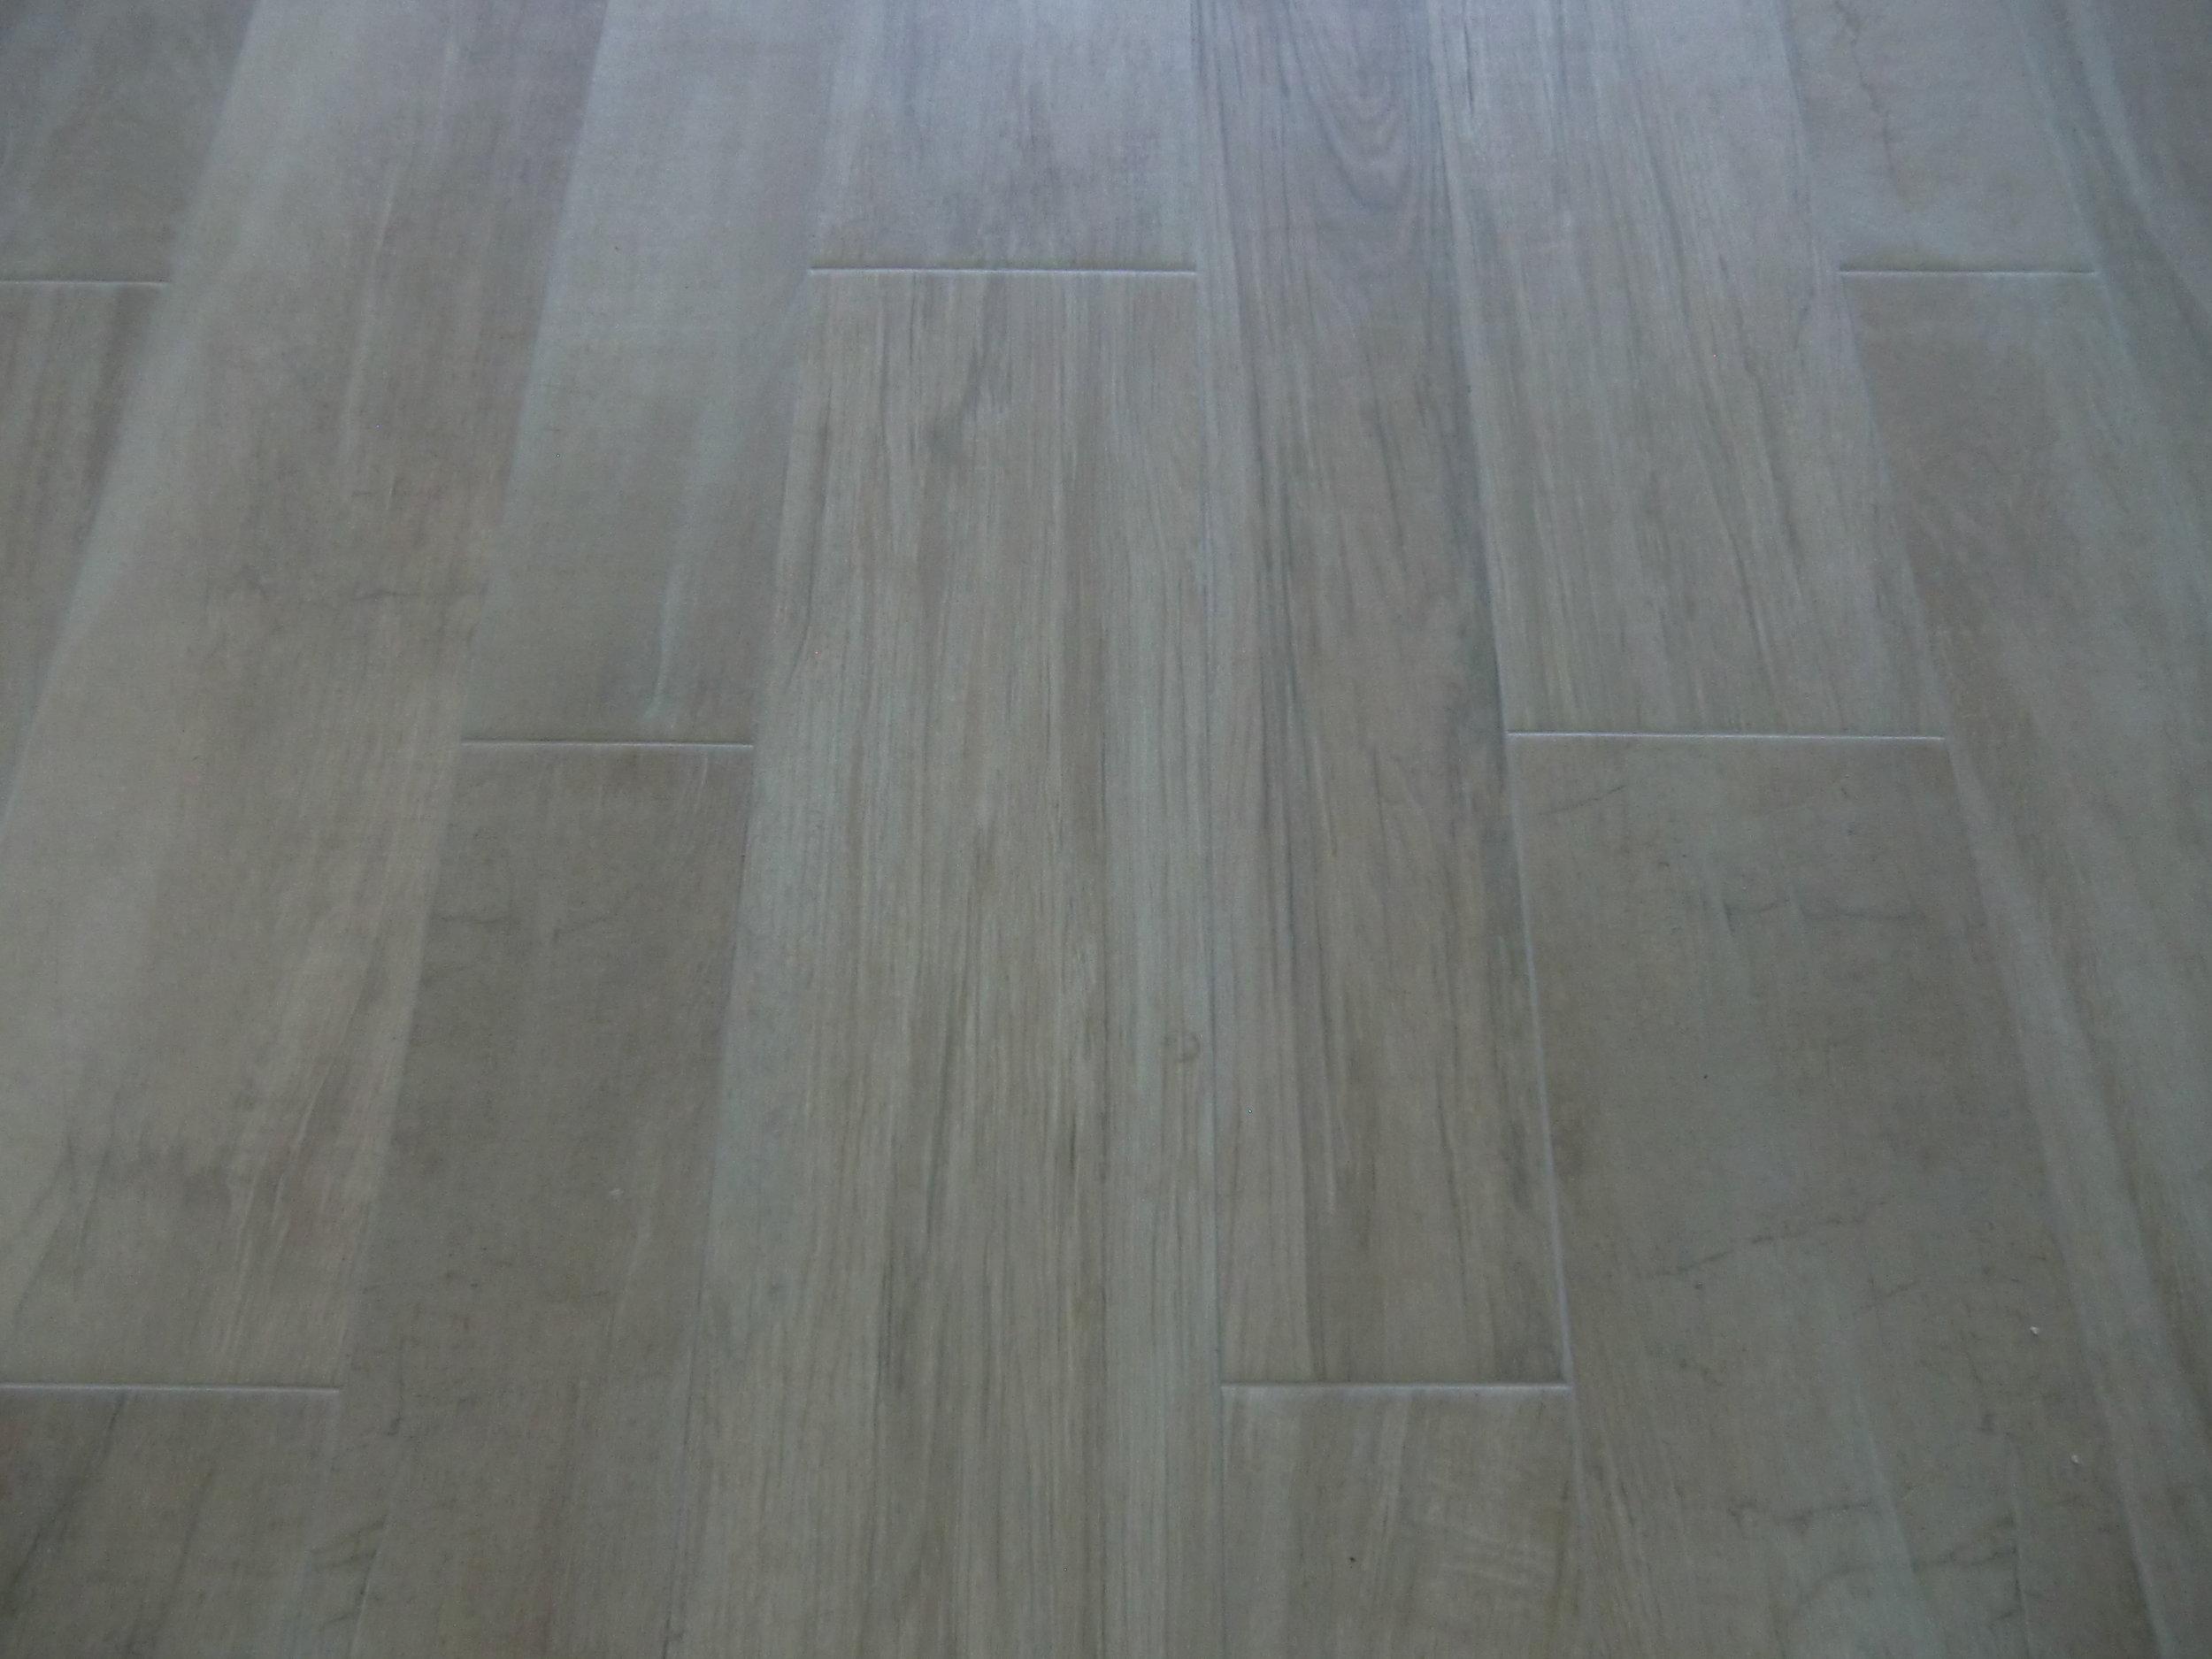 beach-house-tile-wood-floors.JPG